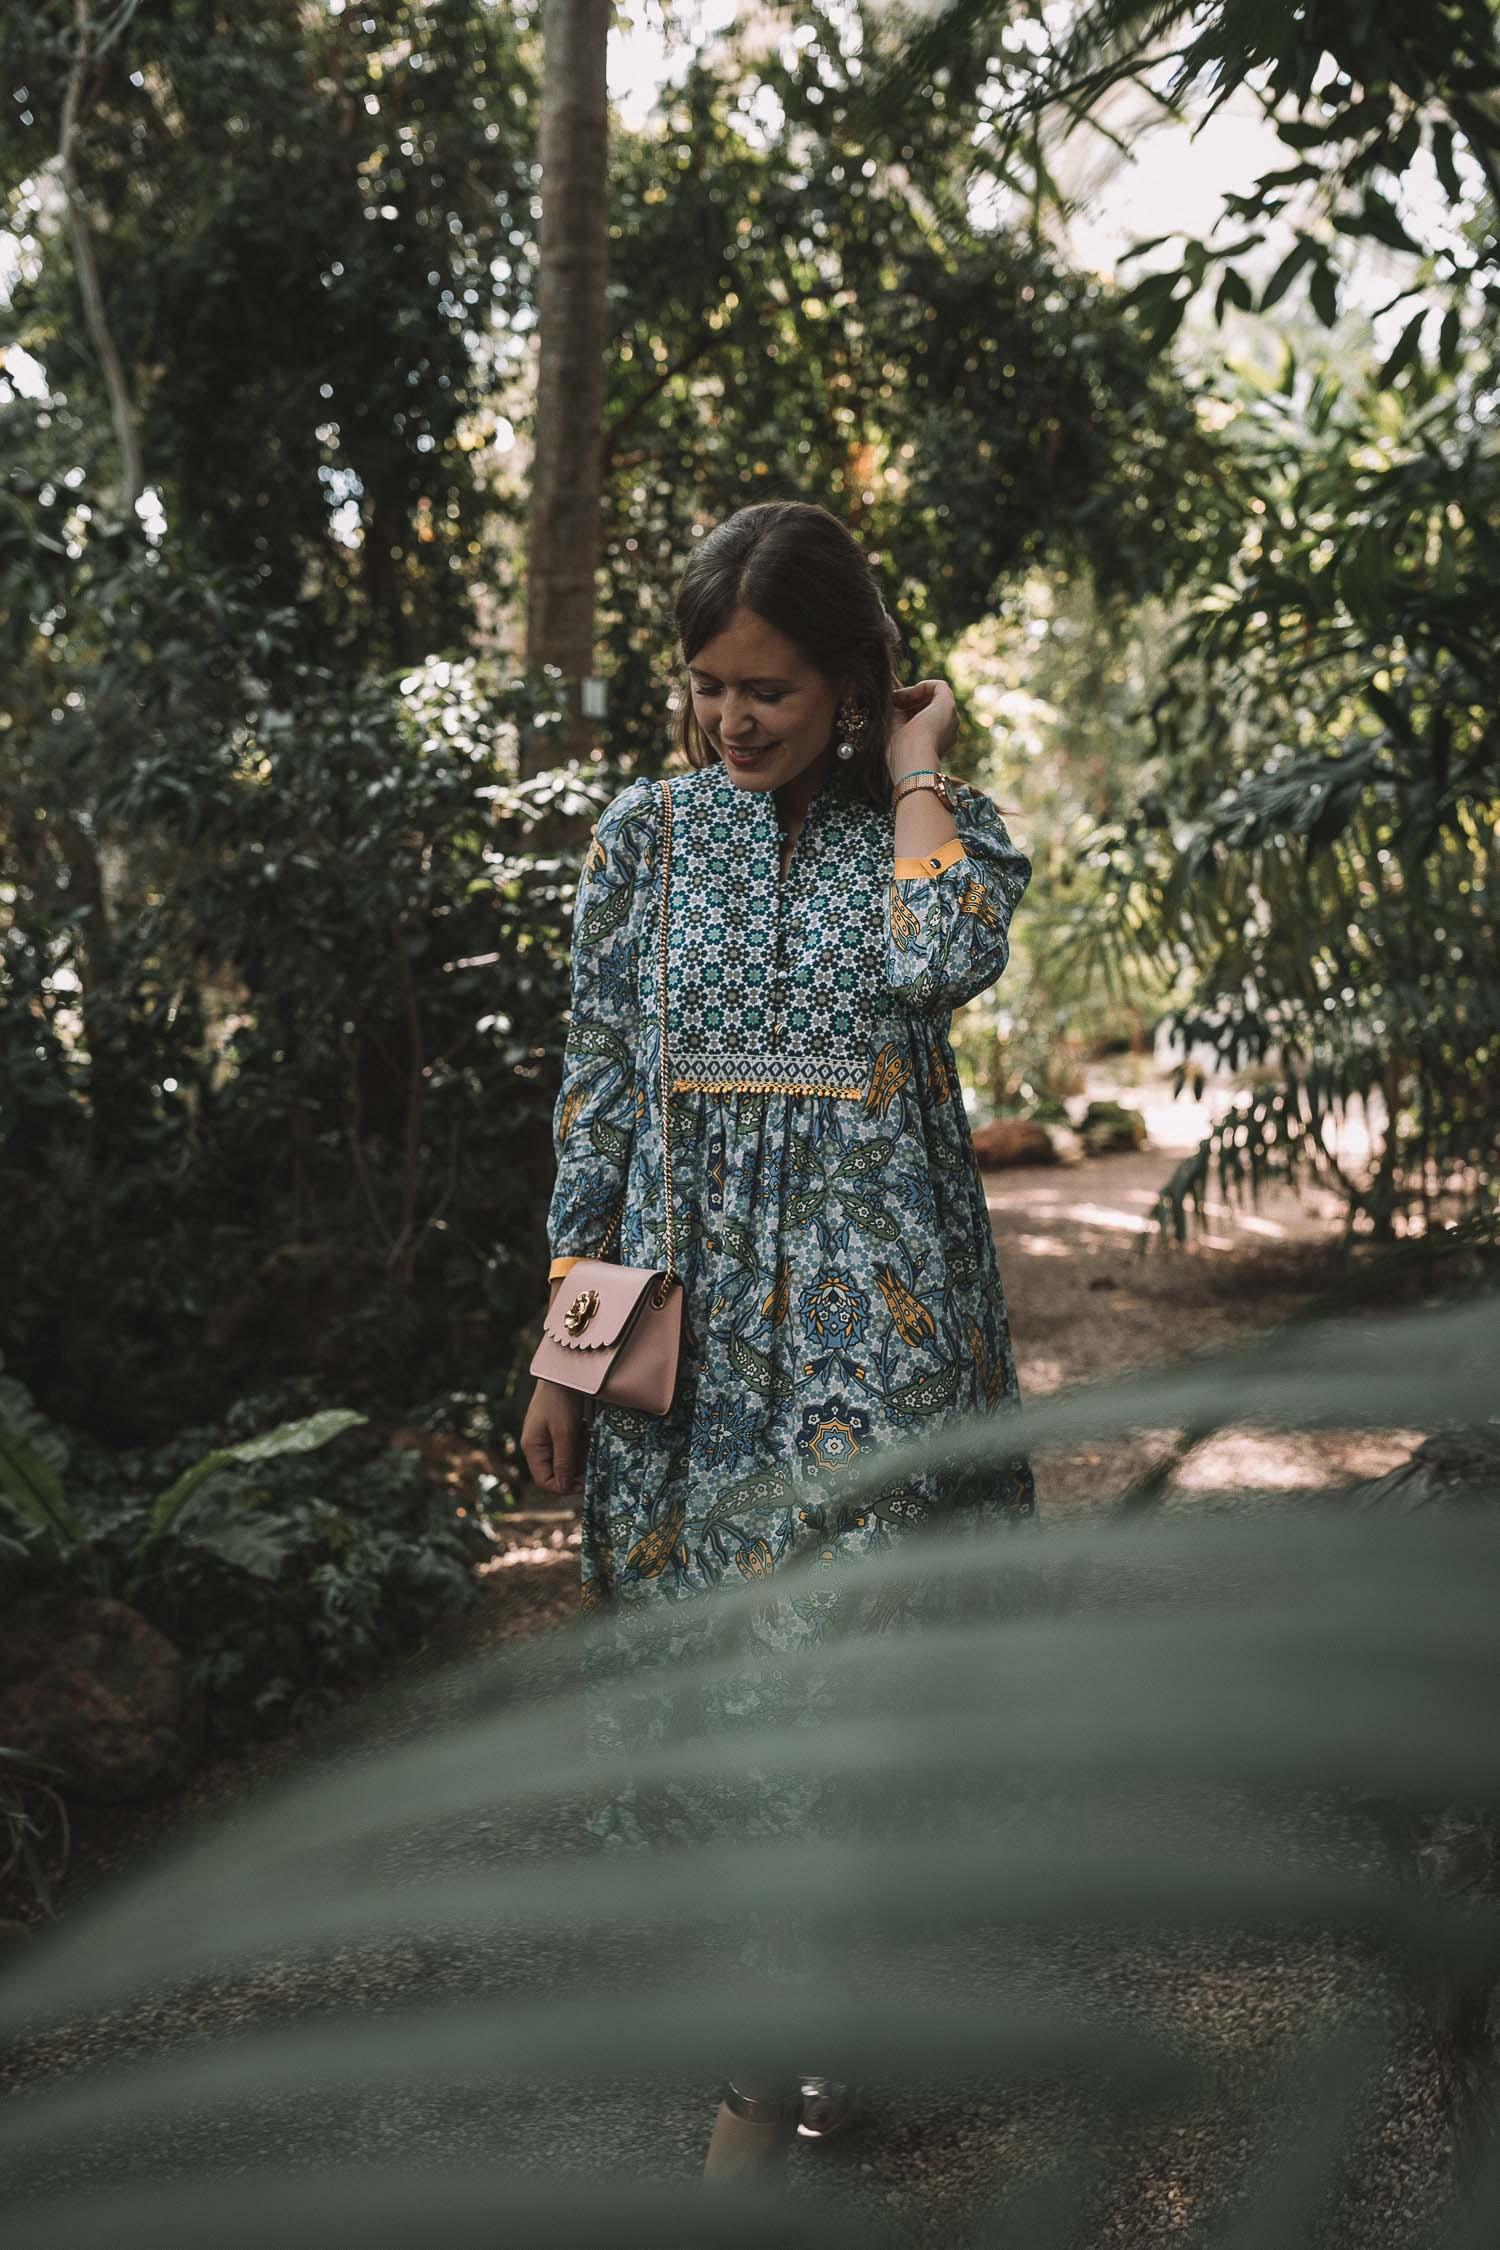 2d3bc2ebb439b7 Outfit Hochzeitsgast Max Mara Kleid-9 - Josie Loves